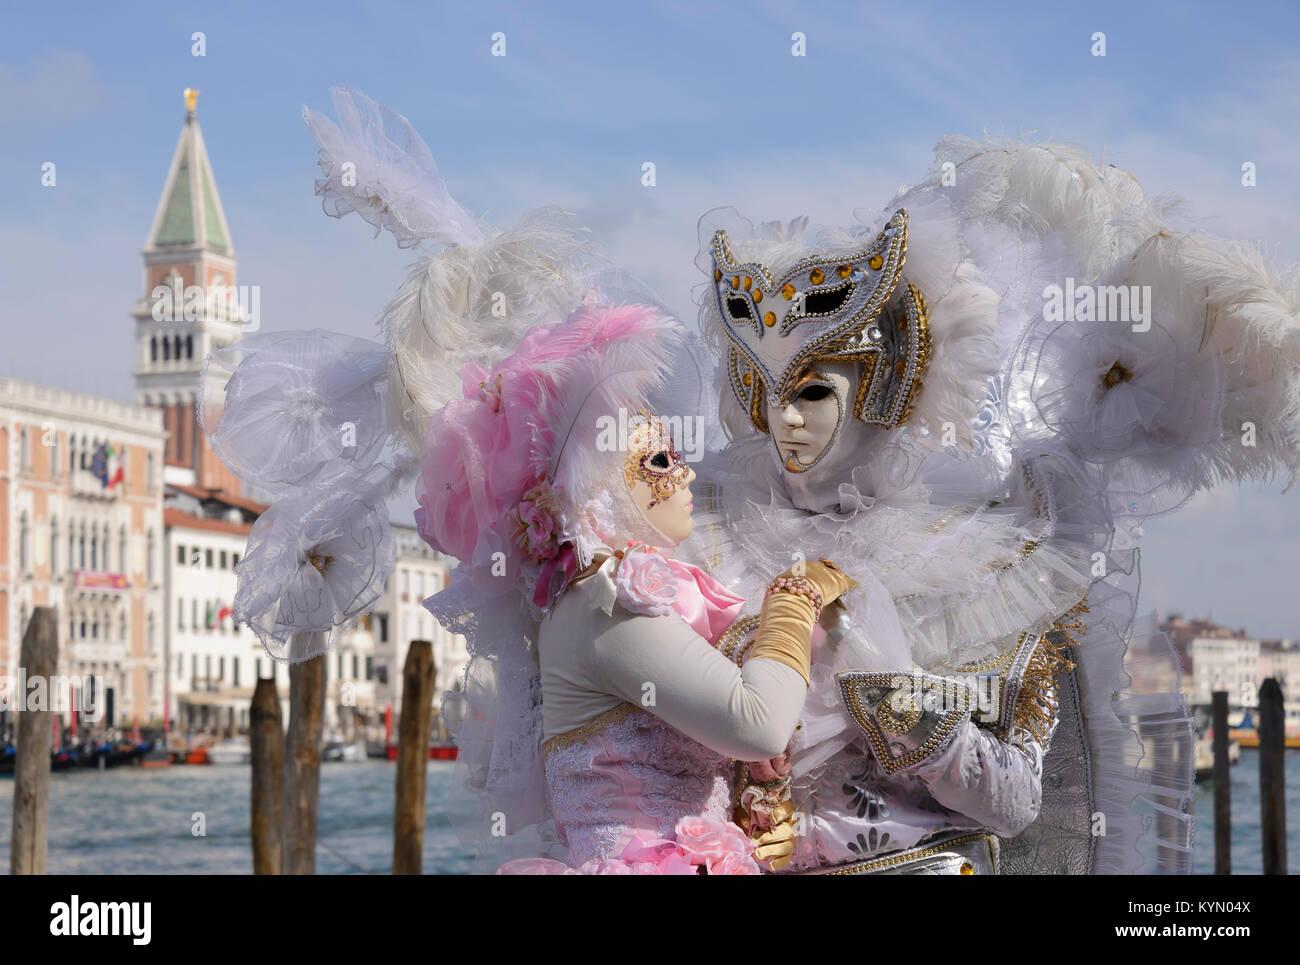 Carneval in Venice, Karneval in Venedig - Stock Image